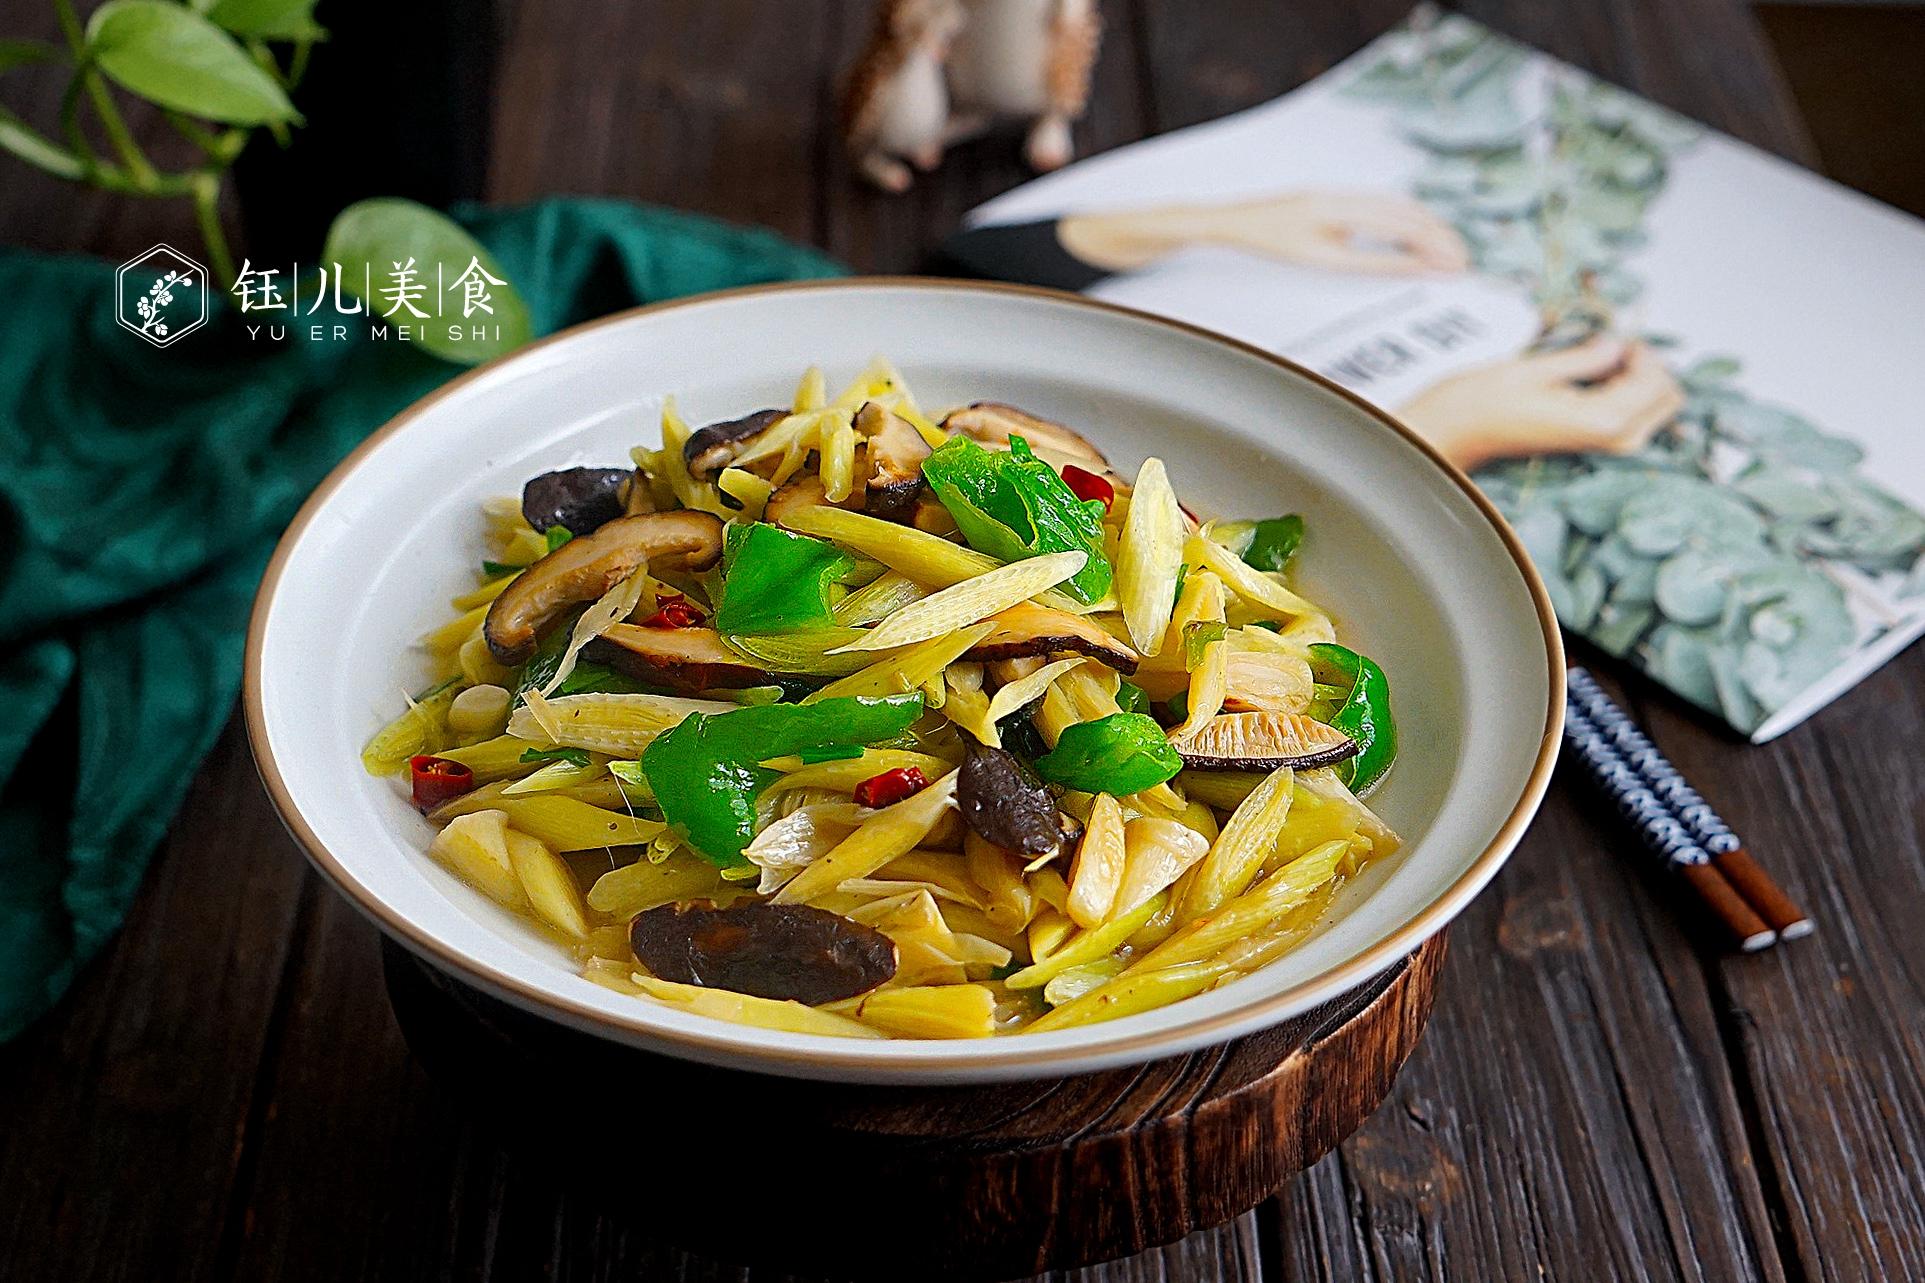 明日谷雨节气,给家人吃这菜,鲜嫩营养又美味,比春笋还要好吃 美食做法 第2张